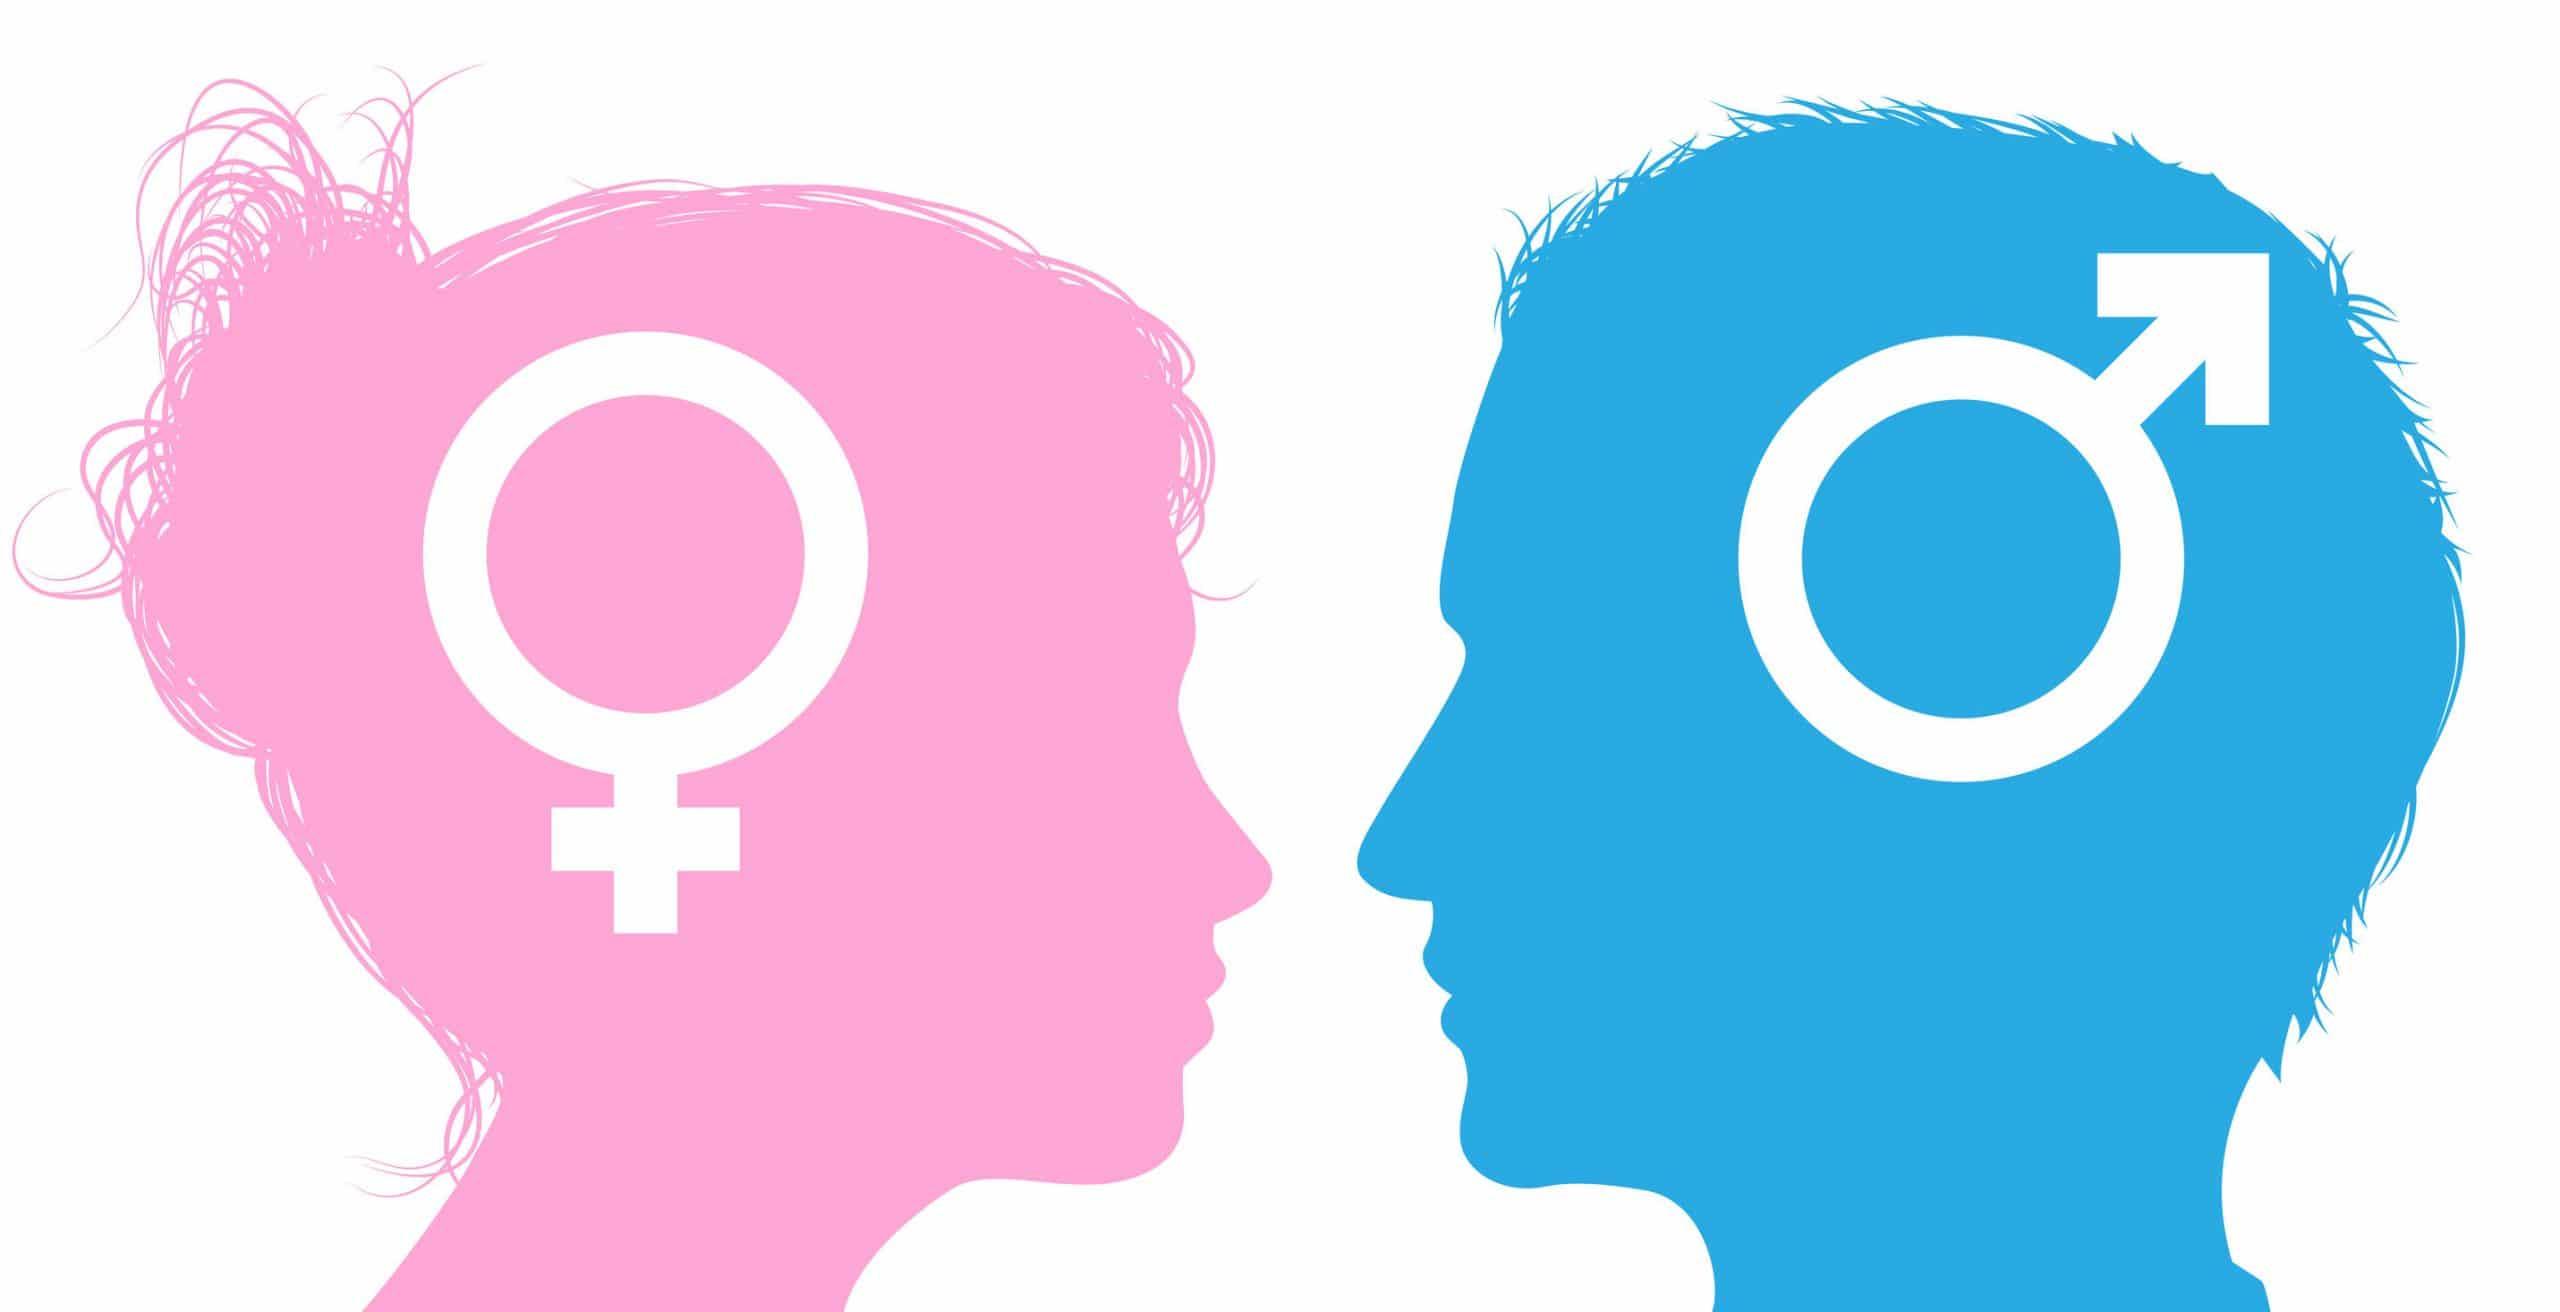 Silhuetas de cabeças de homem e mulher com ícones de símbolo de sexo masculino e feminino